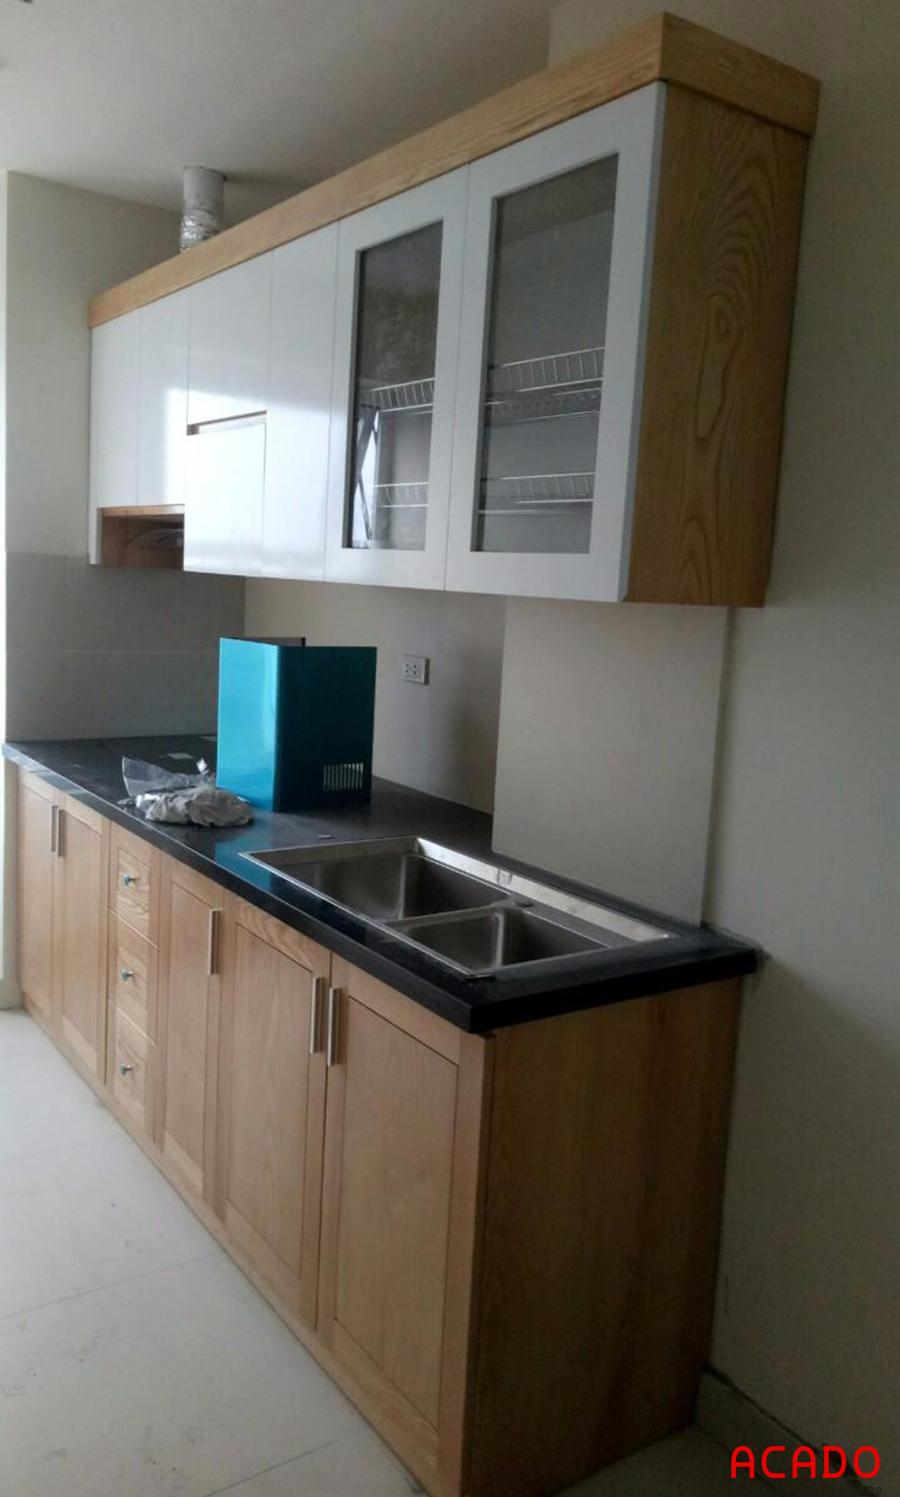 Tủ bếp được thiết kế nhỏ gọn phù hợp với không gian nhưng vẫn đầy đủ công năng.